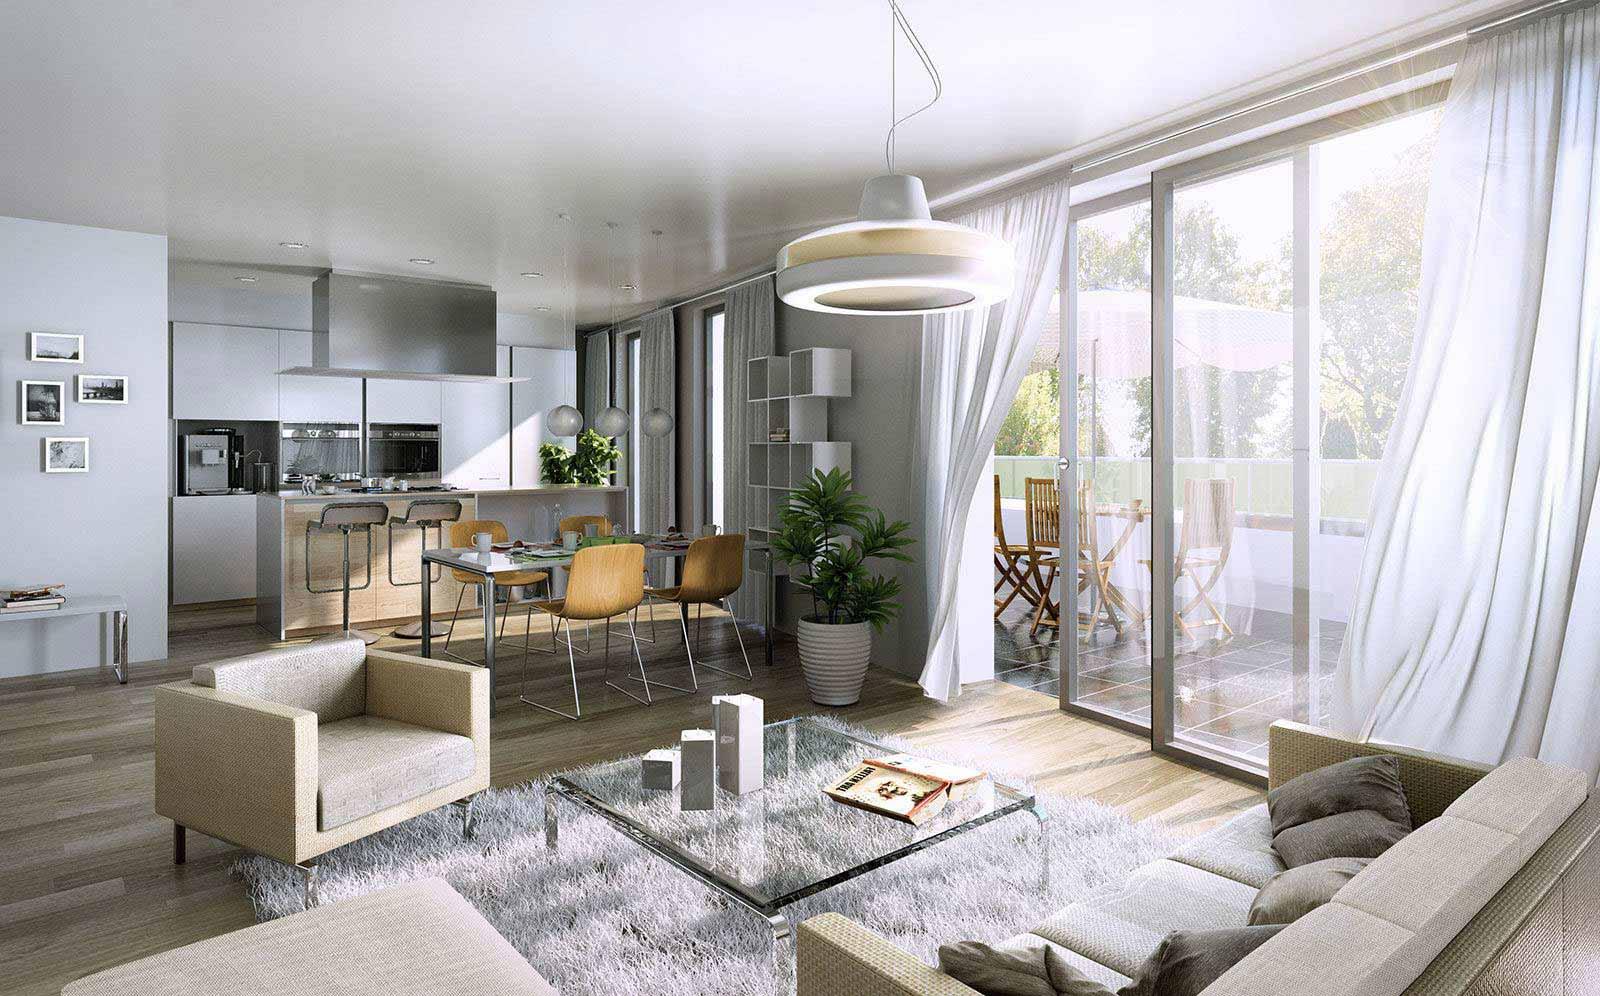 Wohnzimmer-Küche - Architekturvisualisierung Innenraum